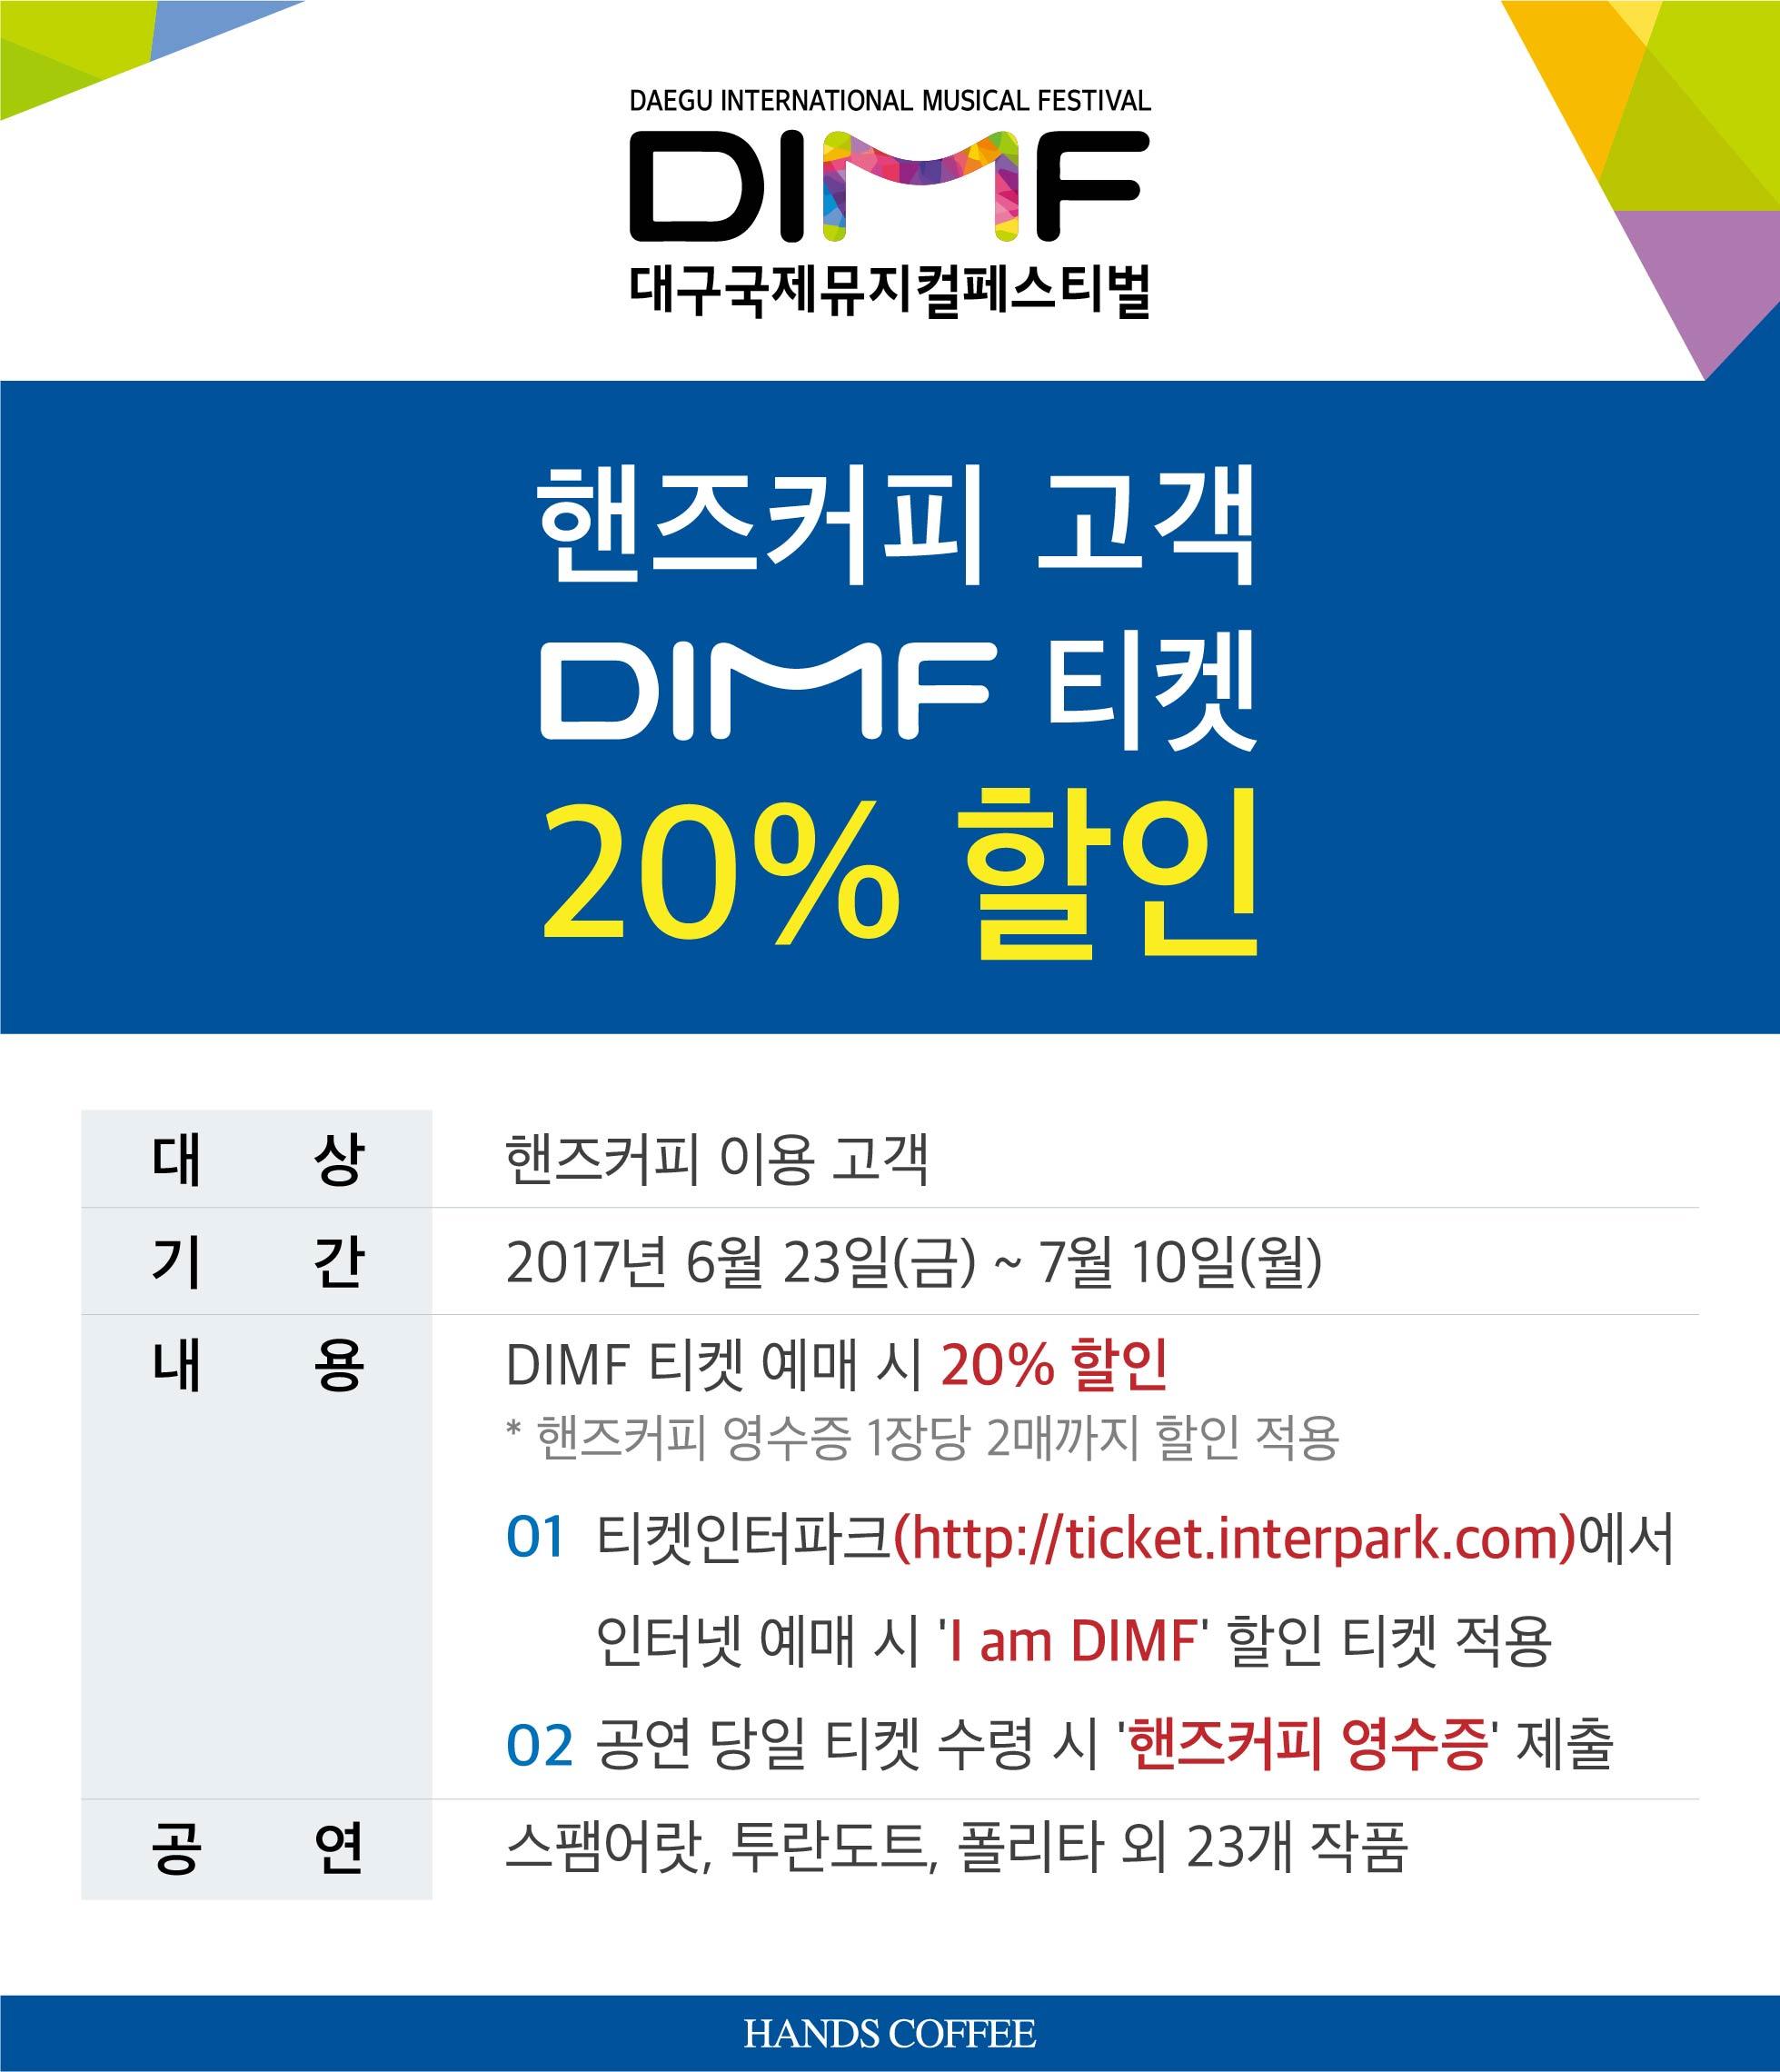 2017_대구 DIMF-04.jpg